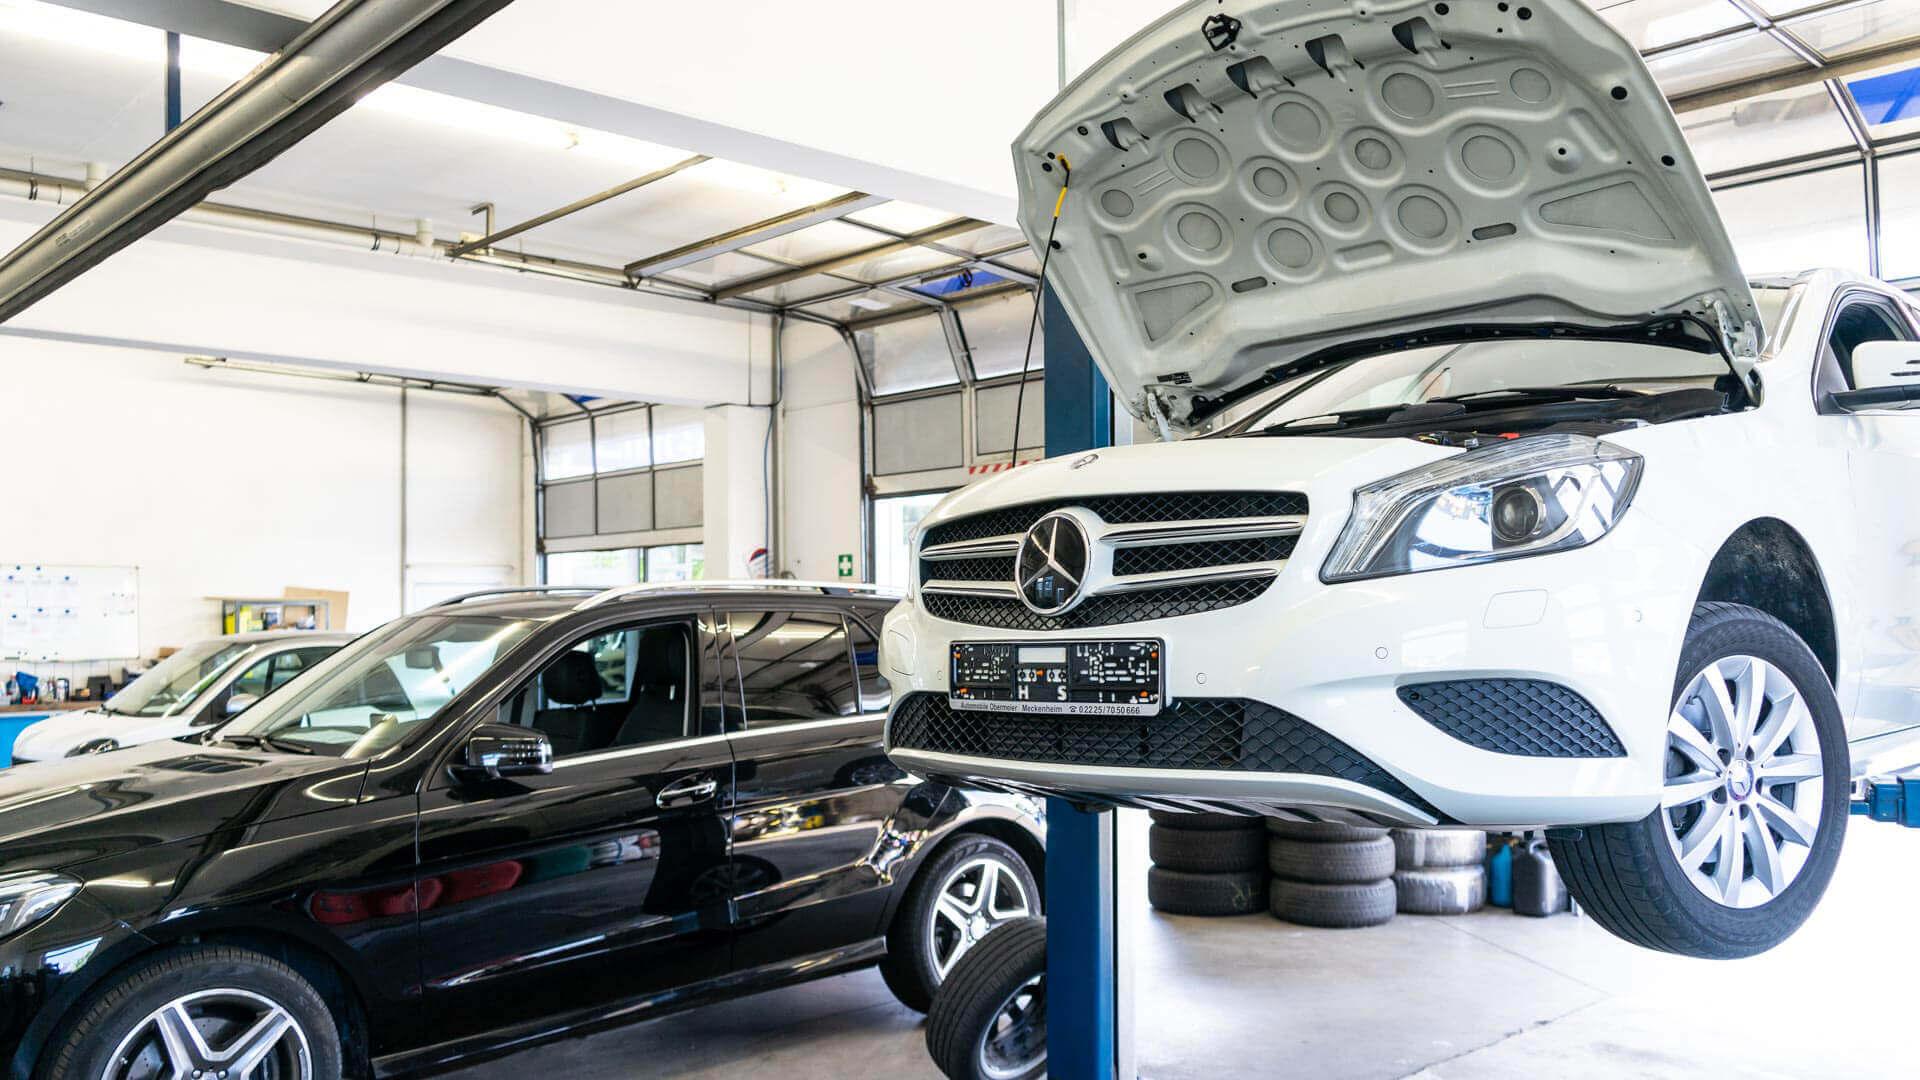 Meisterwerkstatt von Automobile Obermeier in Meckenheim mit Mercedes-Benz Fahrzeugen